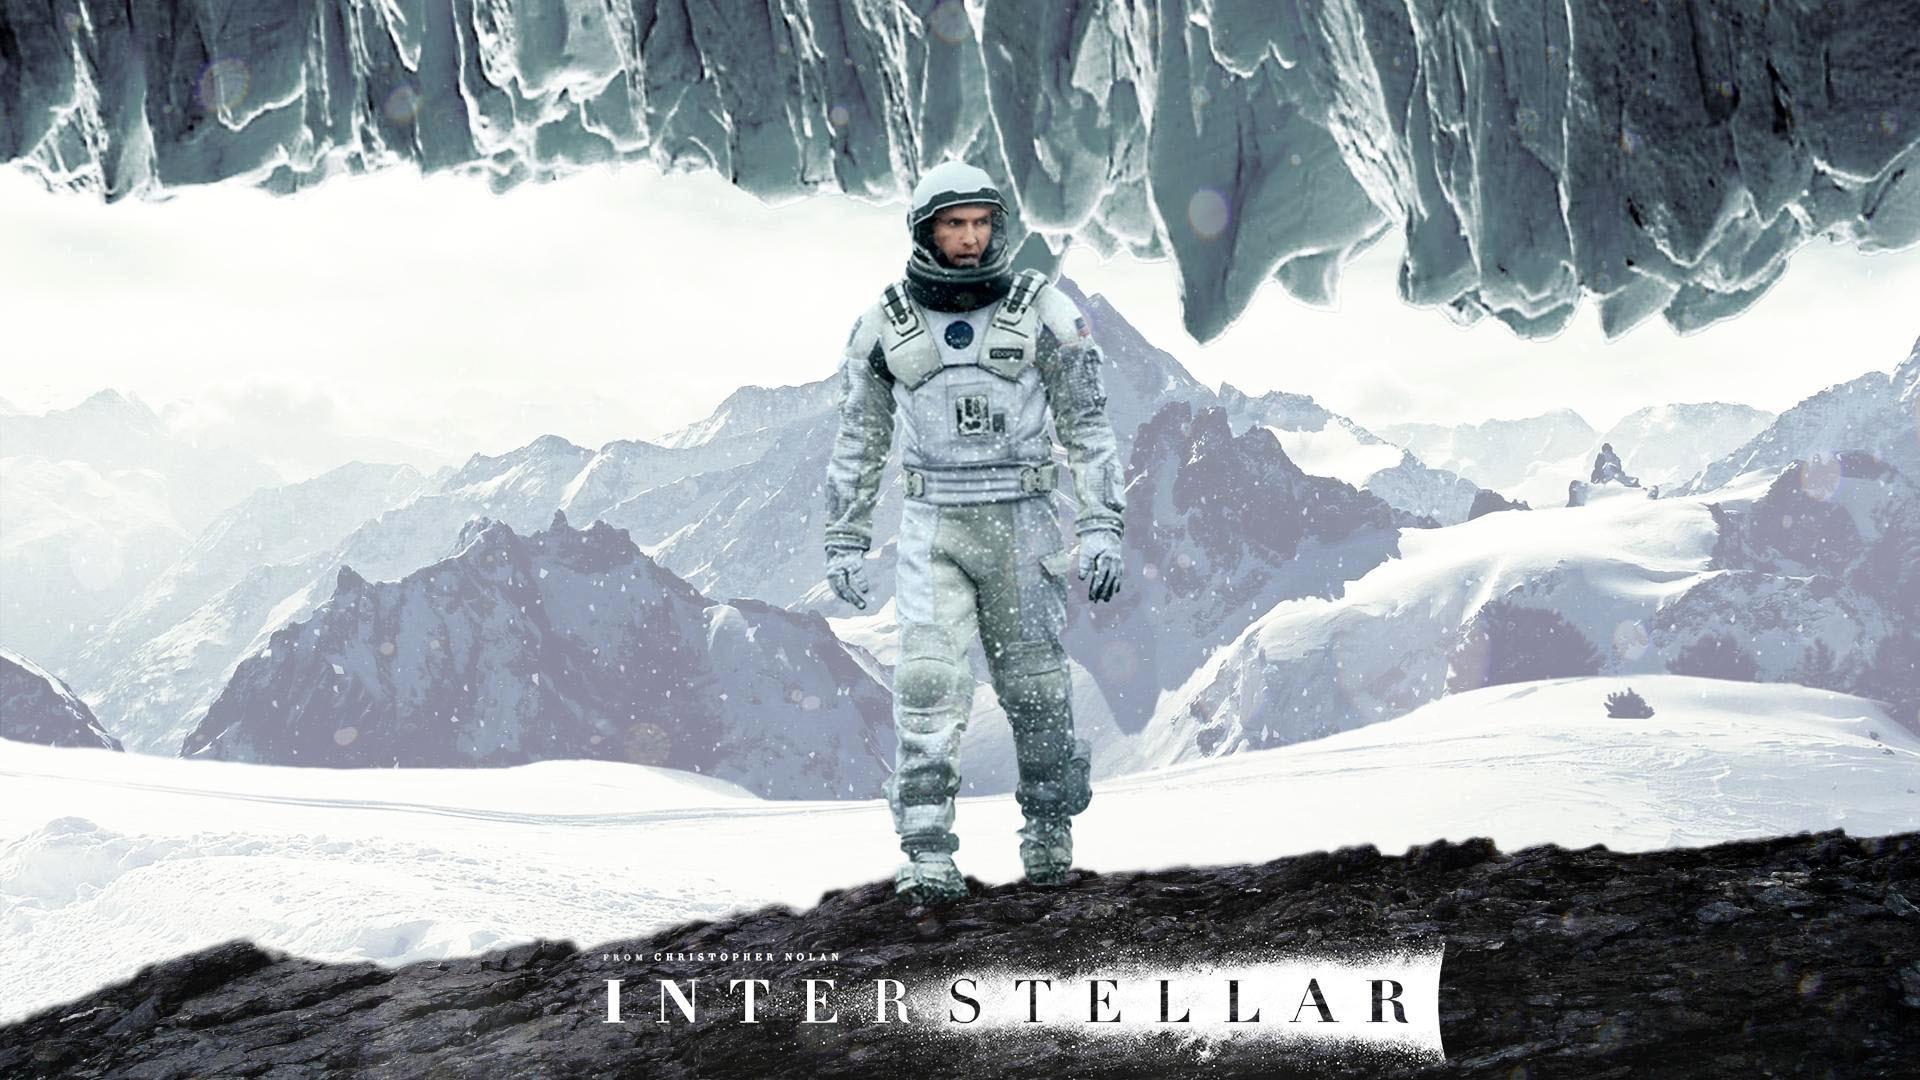 Interstellar Movie Scene wallpaper